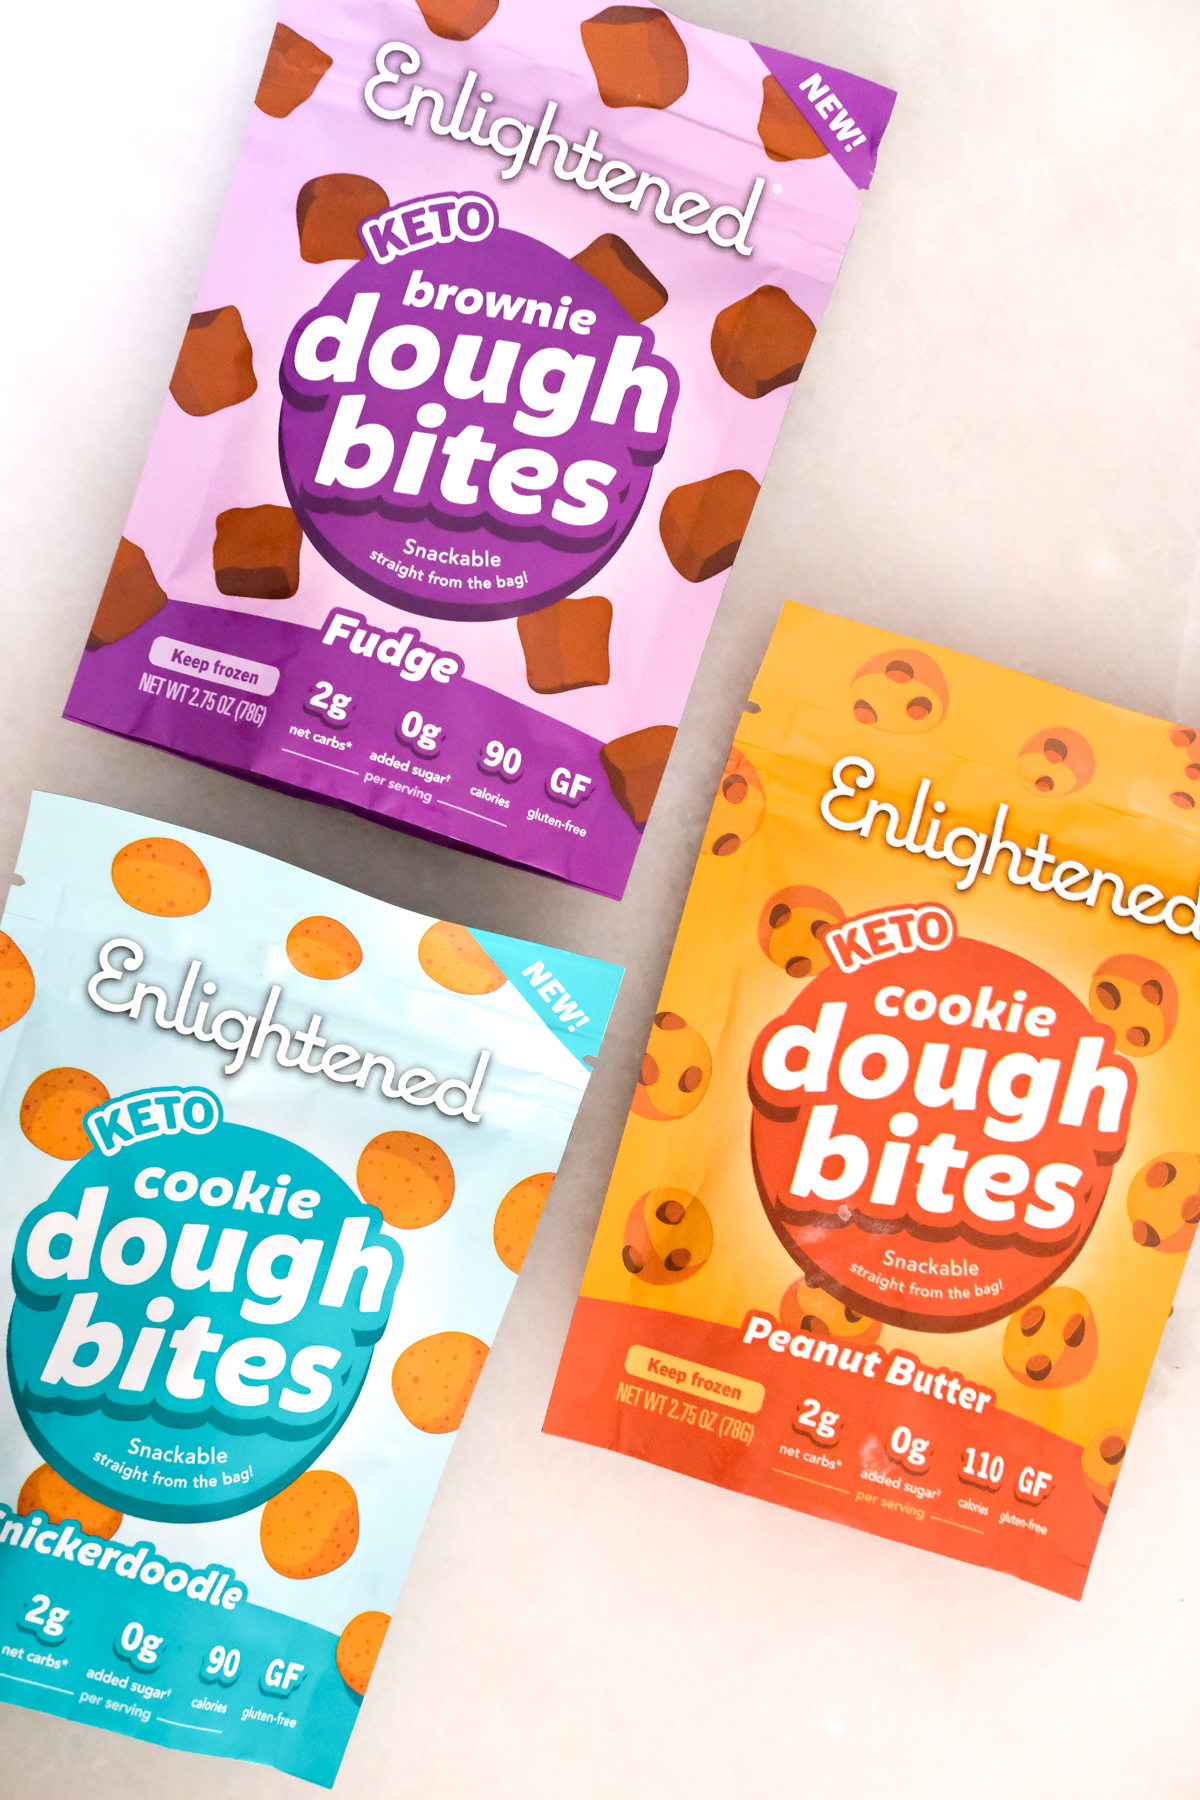 enlightened dough bites